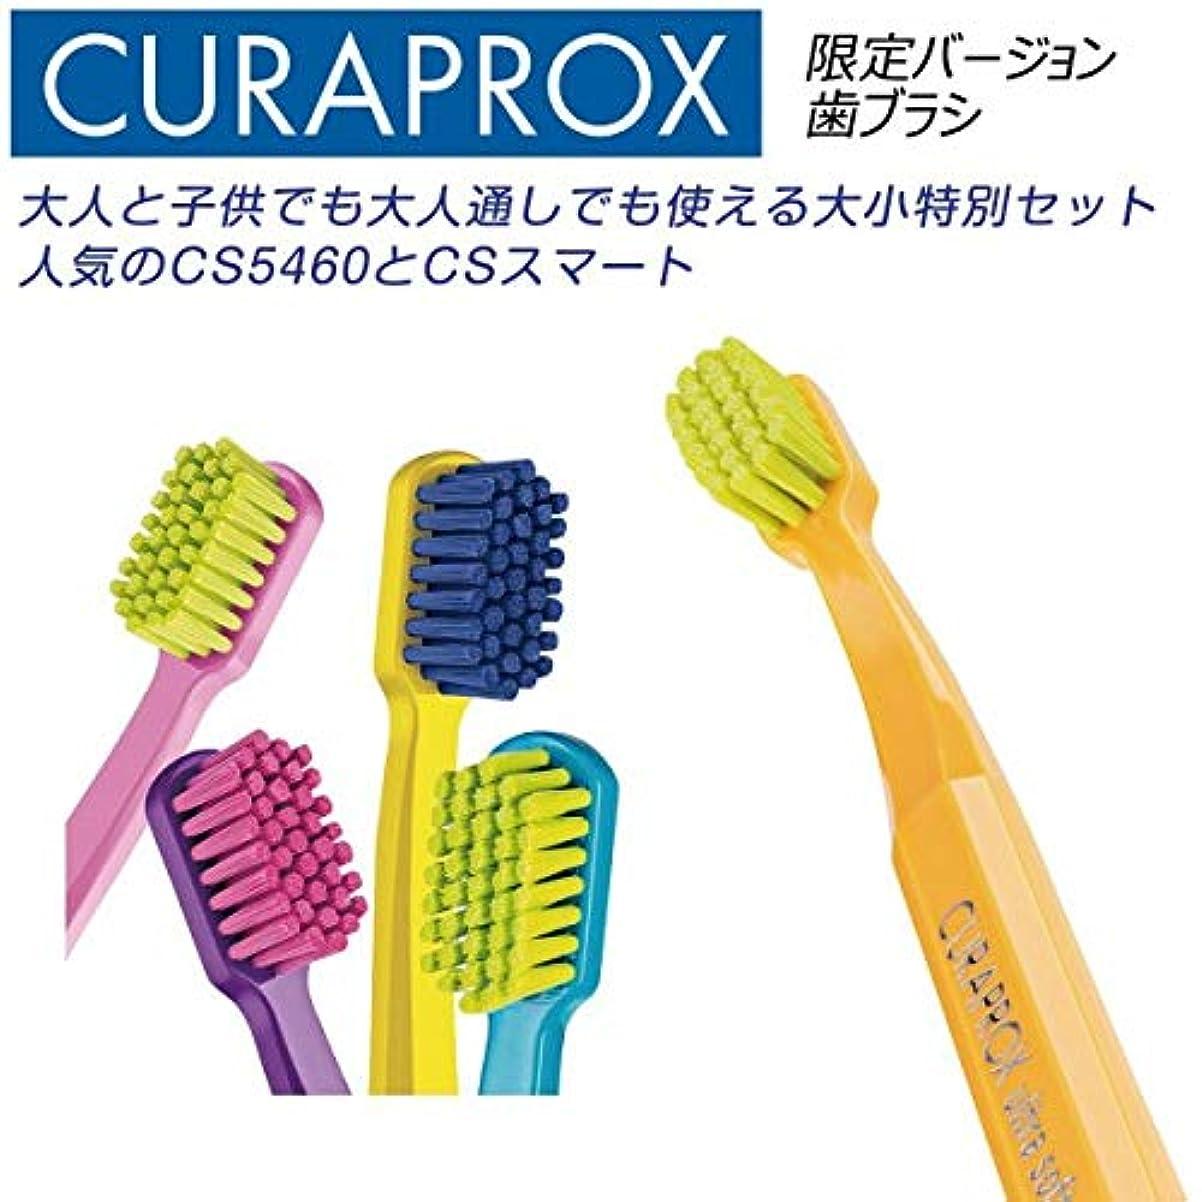 メルボルンエキスパート女性クラプロックス 歯ブラシ CS5460 ファミリーエディション黄緑+ピンク